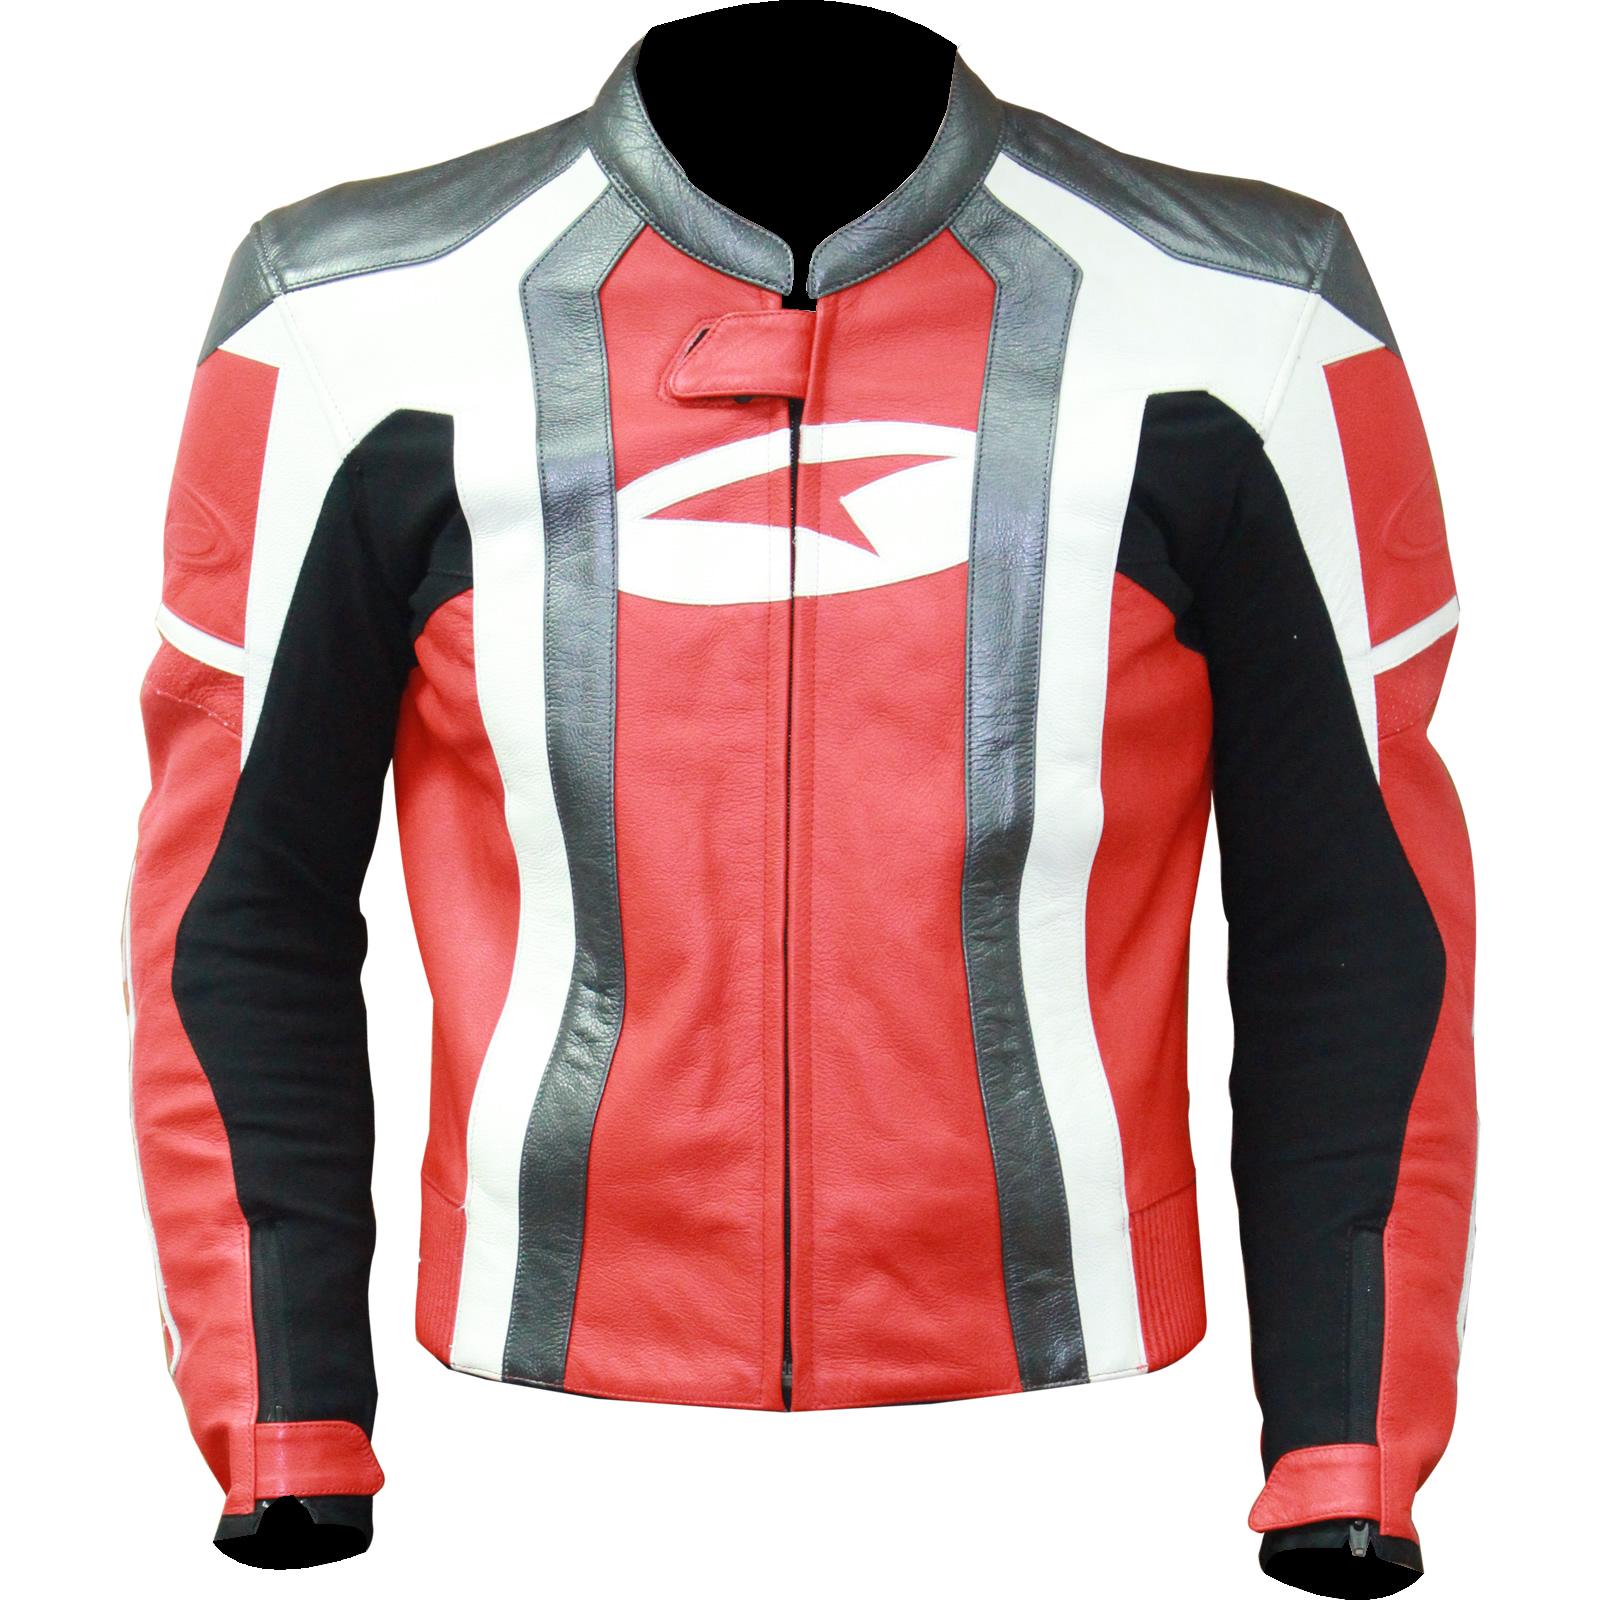 Axo leather jacket